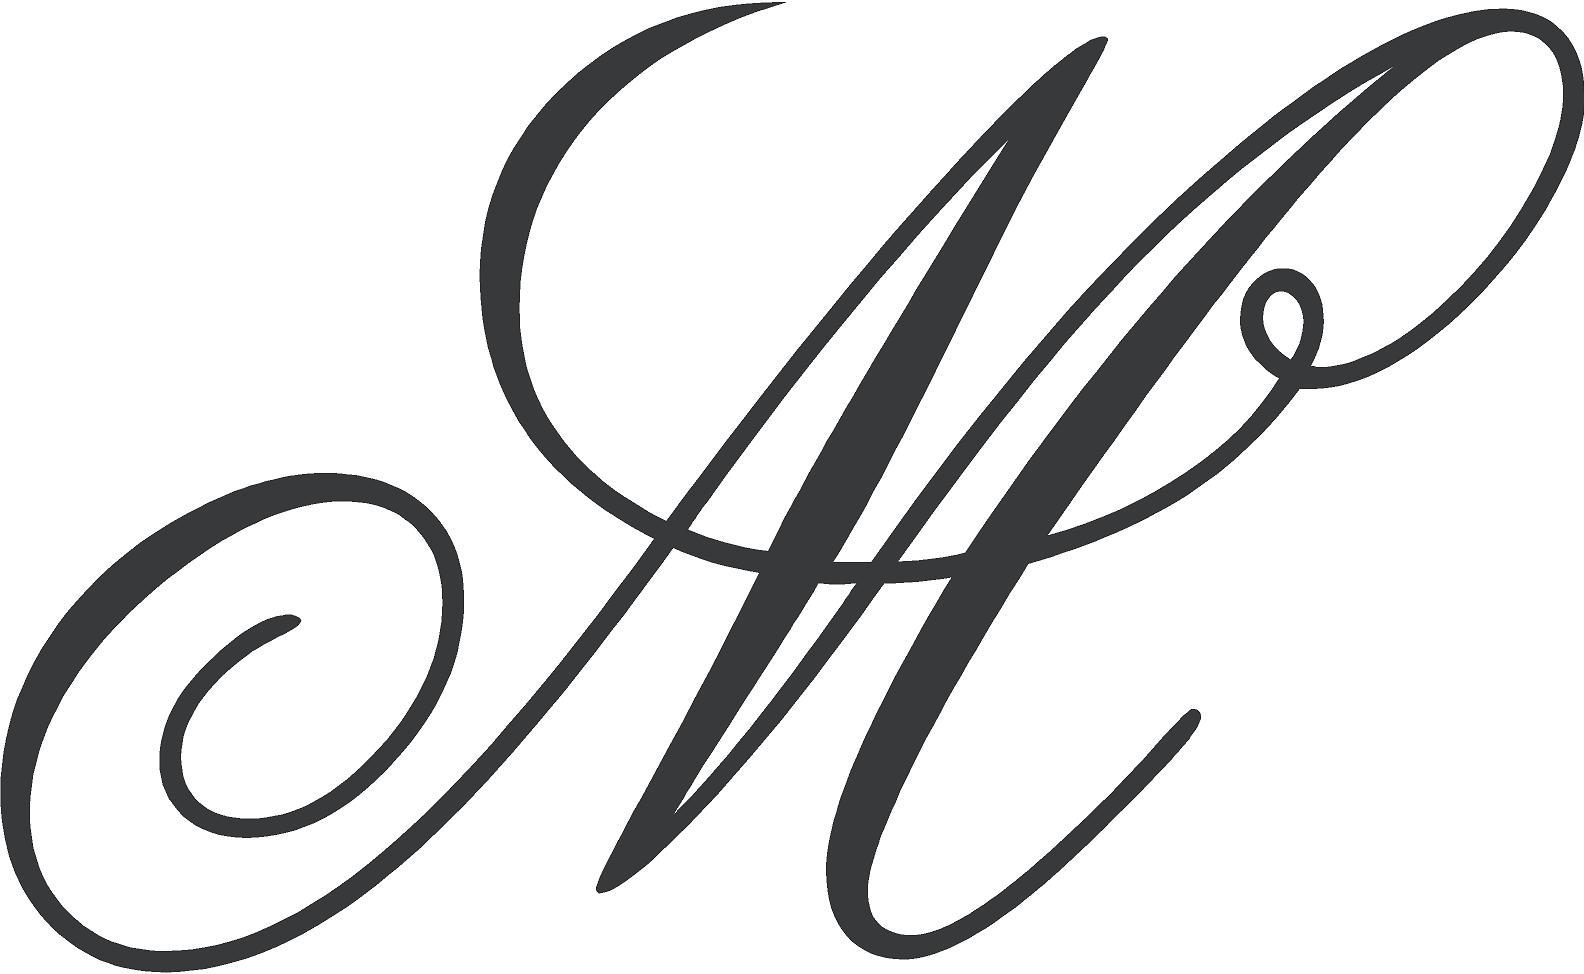 Fancy Cursive Letter M free image